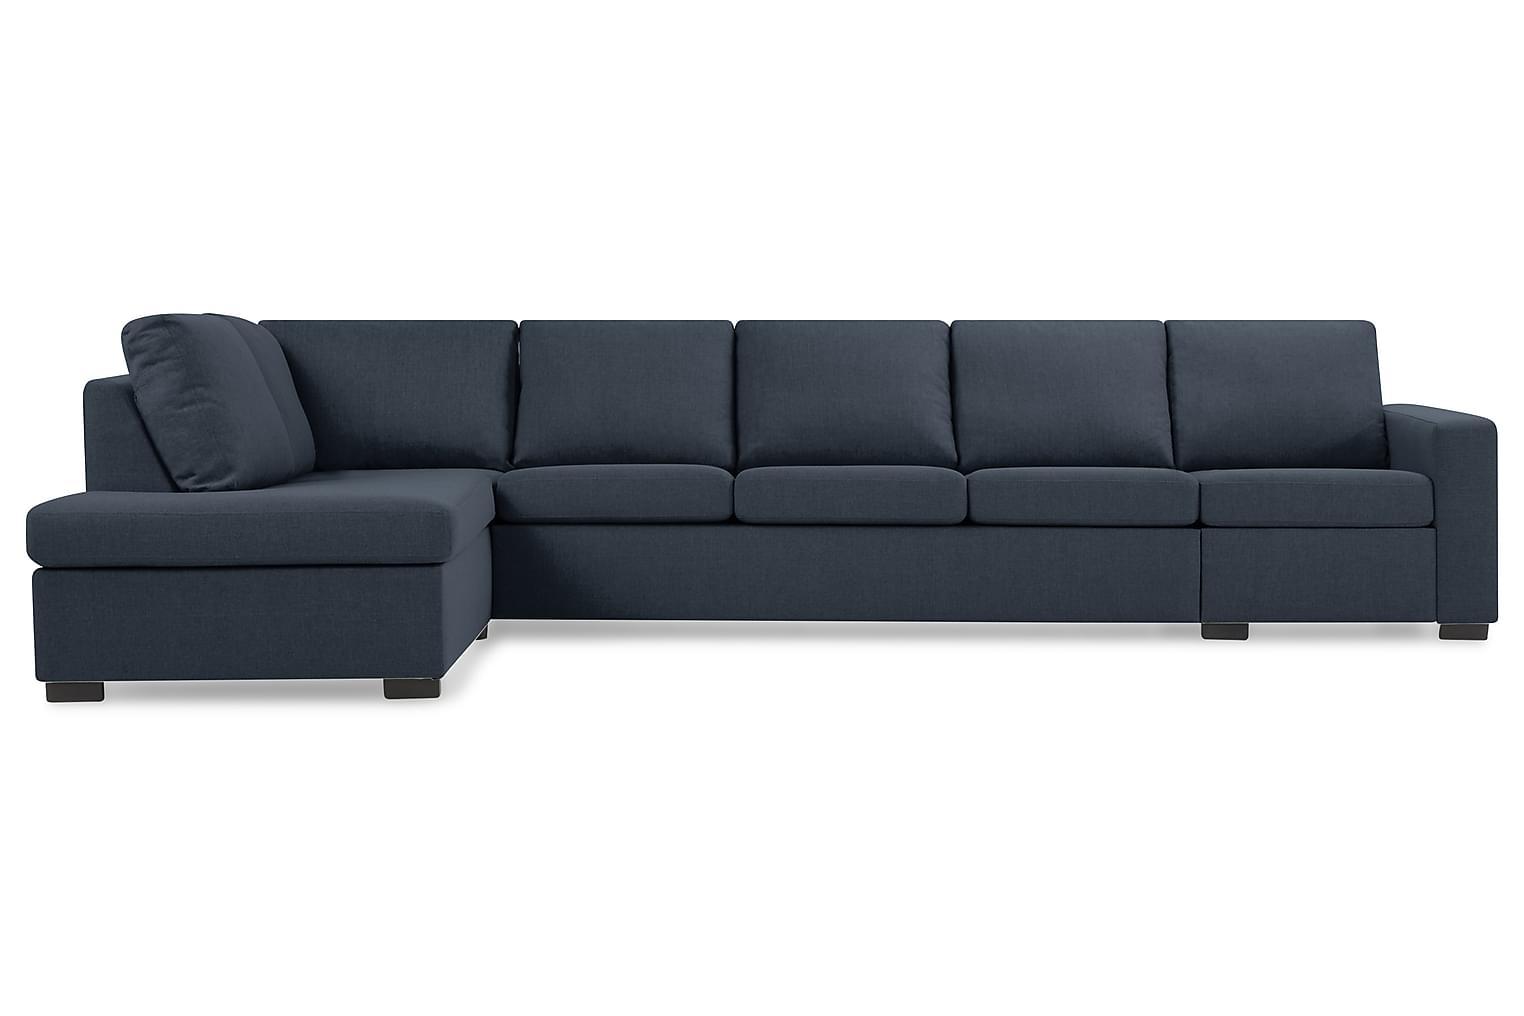 New NEW YORK XL L-Soffa Vänster Mörkblå -